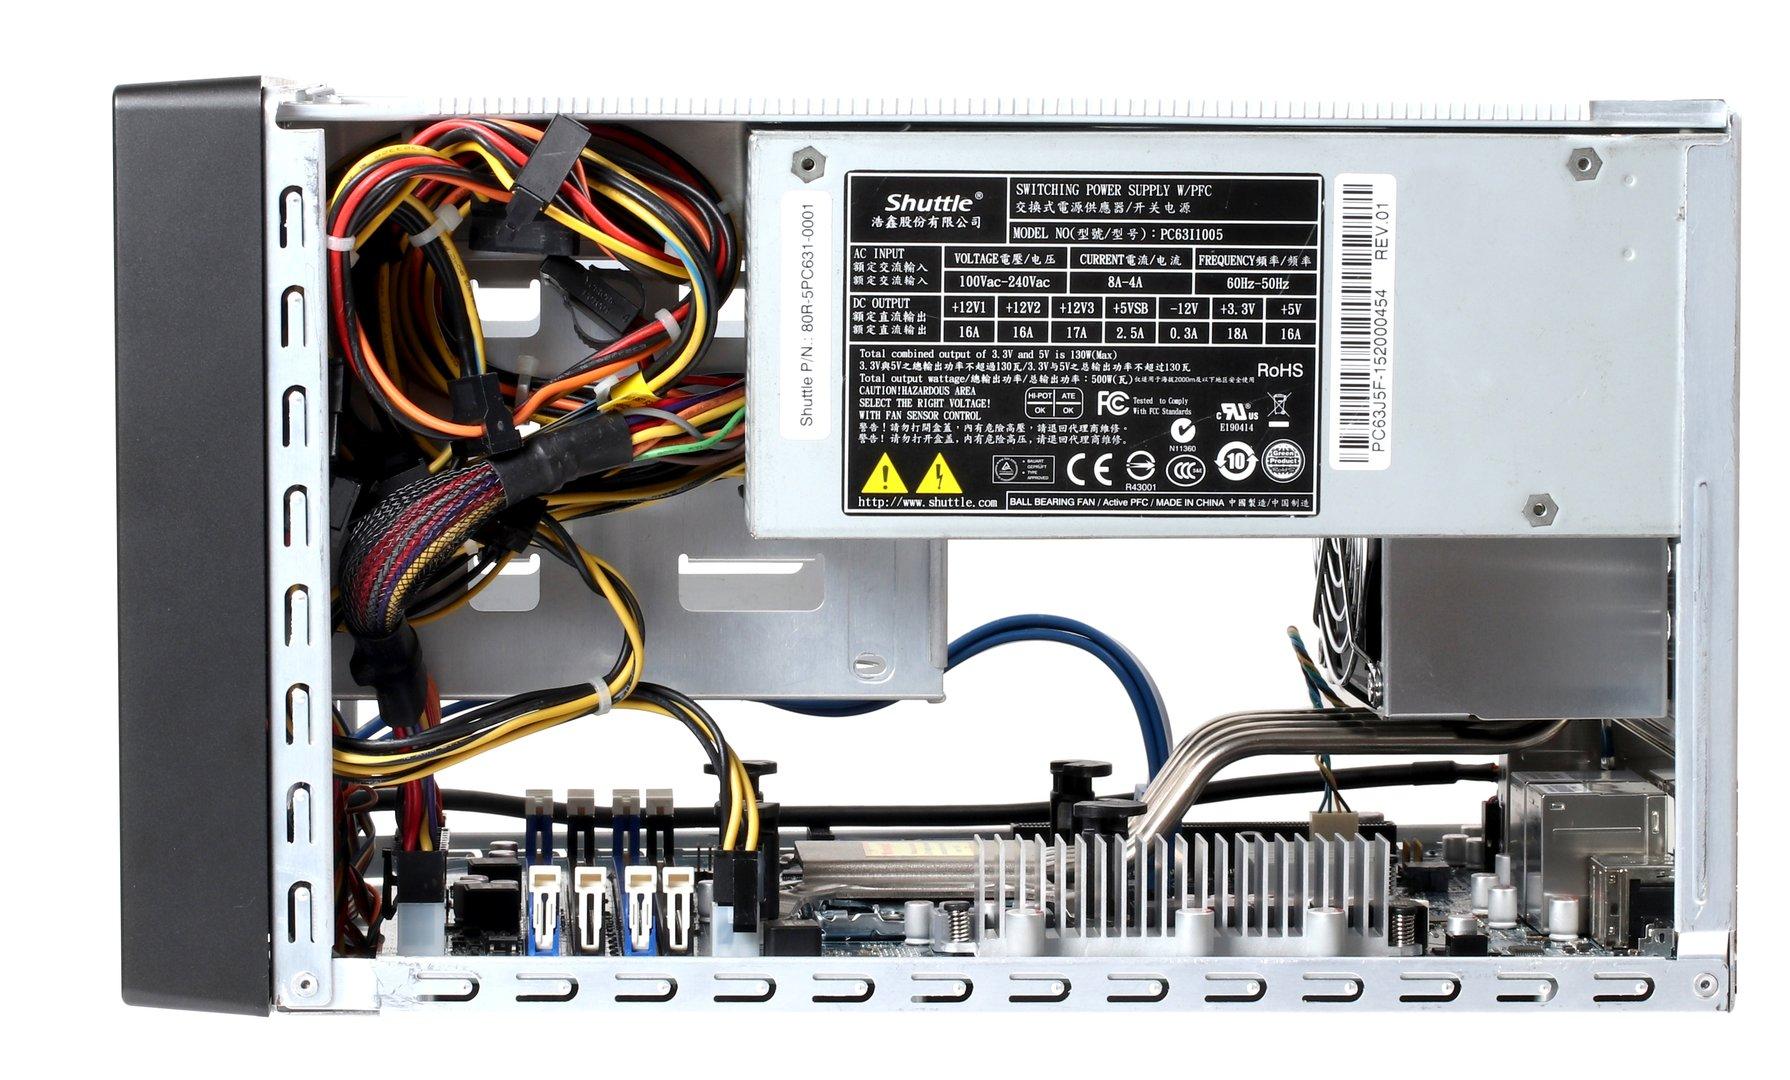 Das proprietäre Netzteil liefert eine Nennleistung von 500 Watt